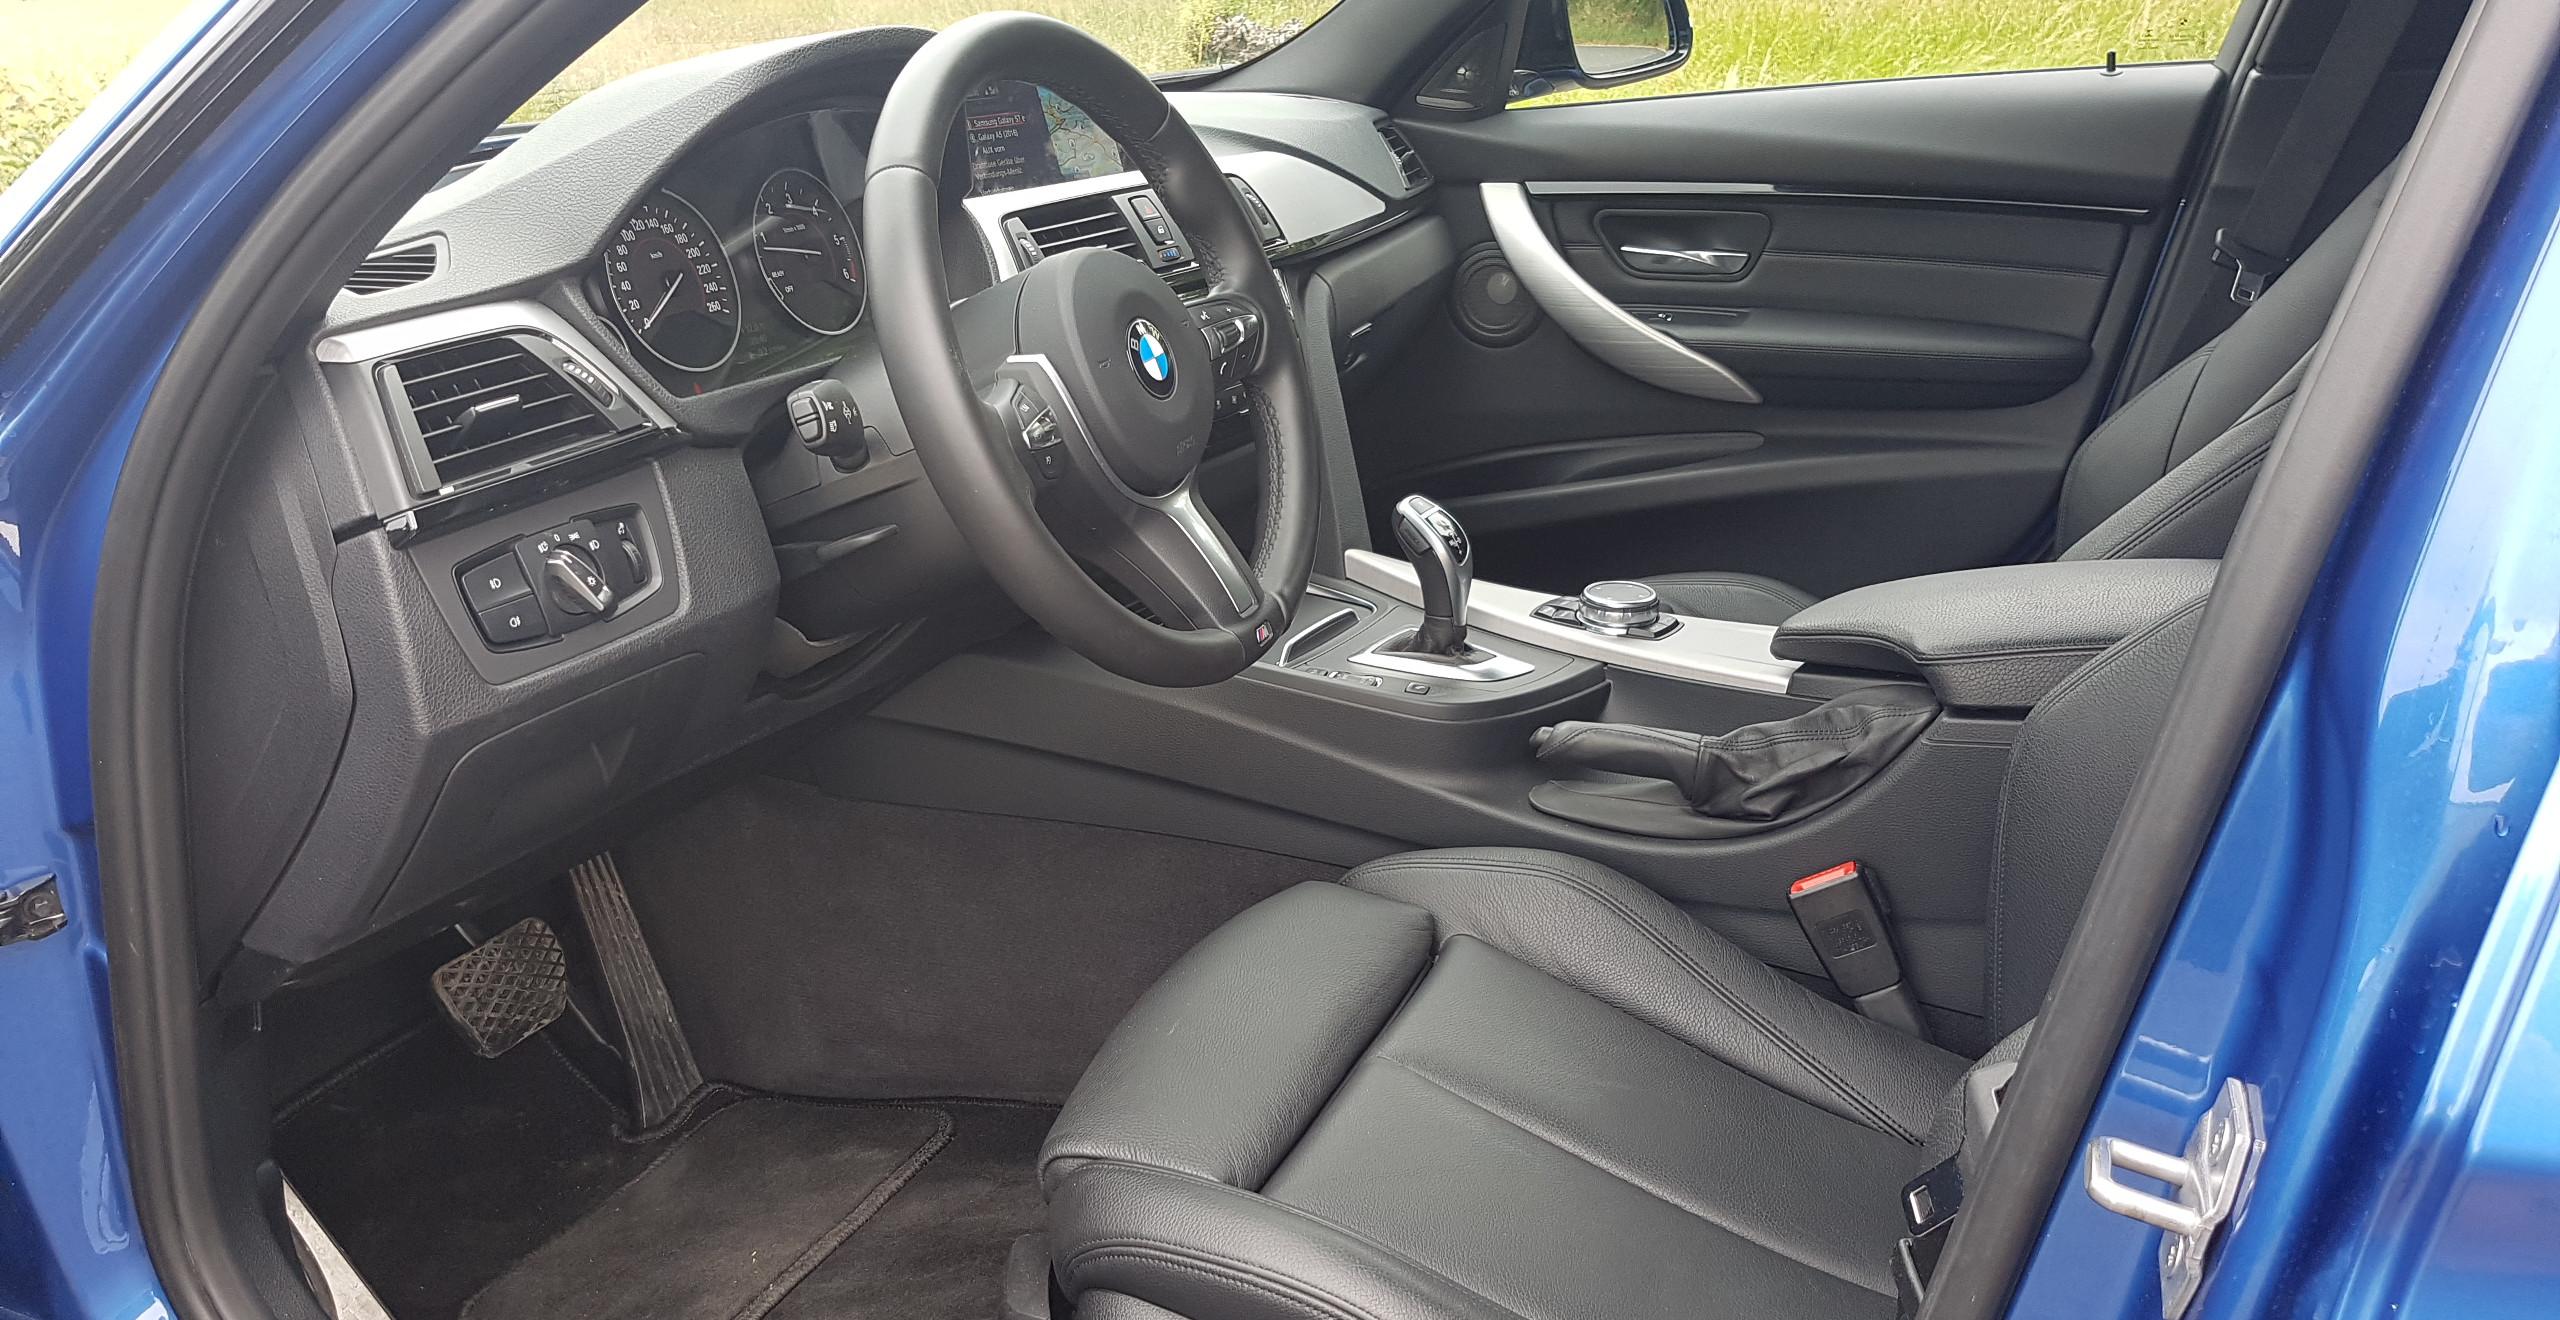 Import Auto Allemagne - Auto Convoi Allemagne -  BMW 330d M Sport Edtion 258ch